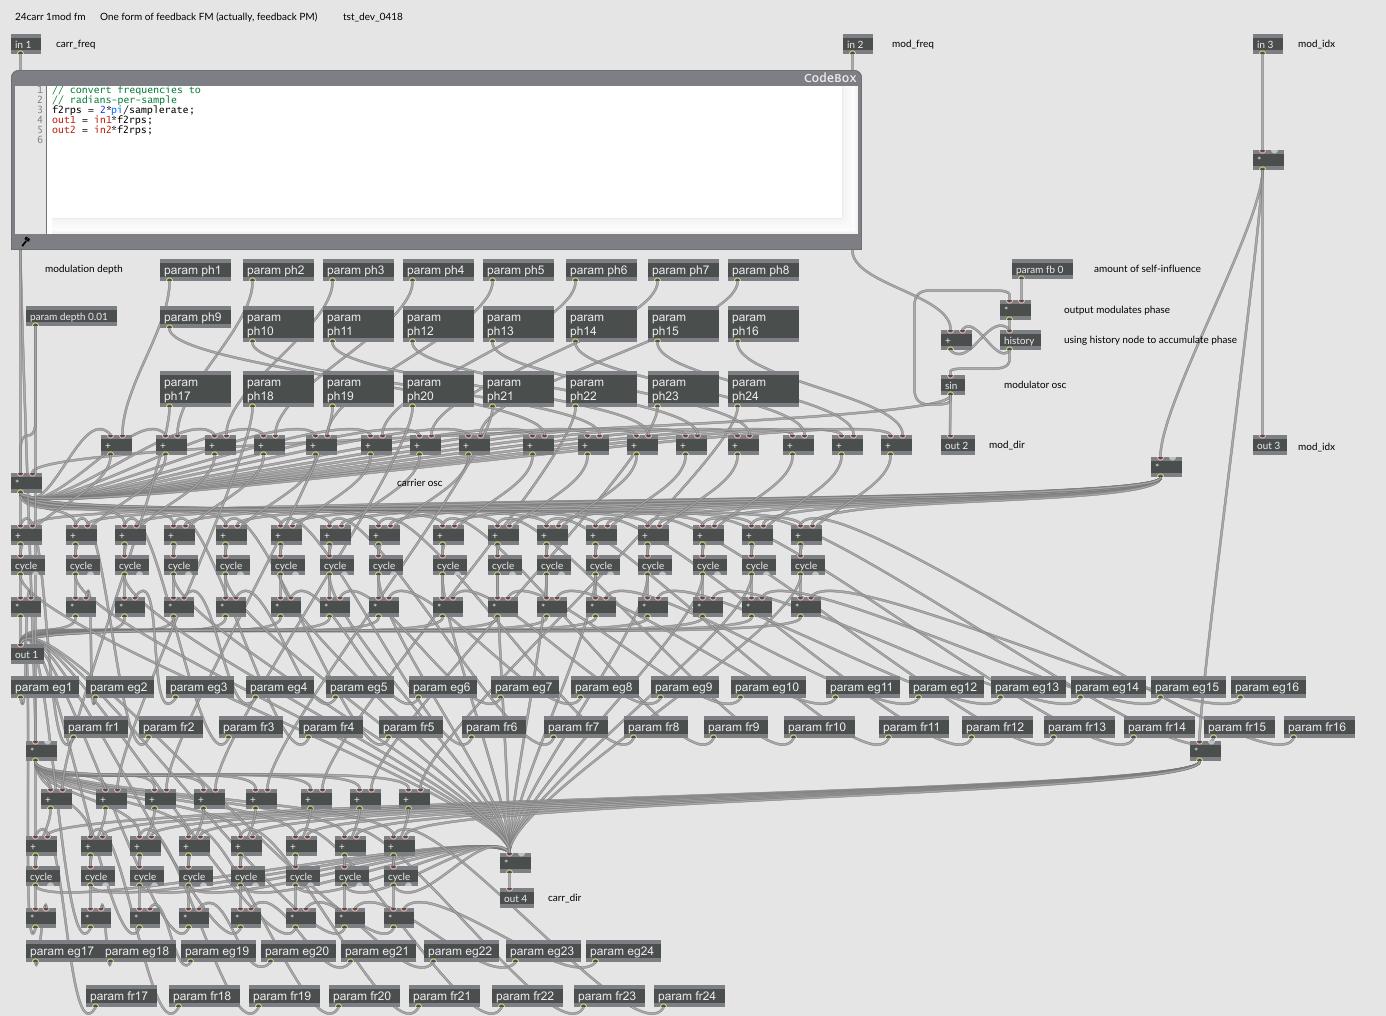 1 (intern) modulator -> 24 carrier osc's